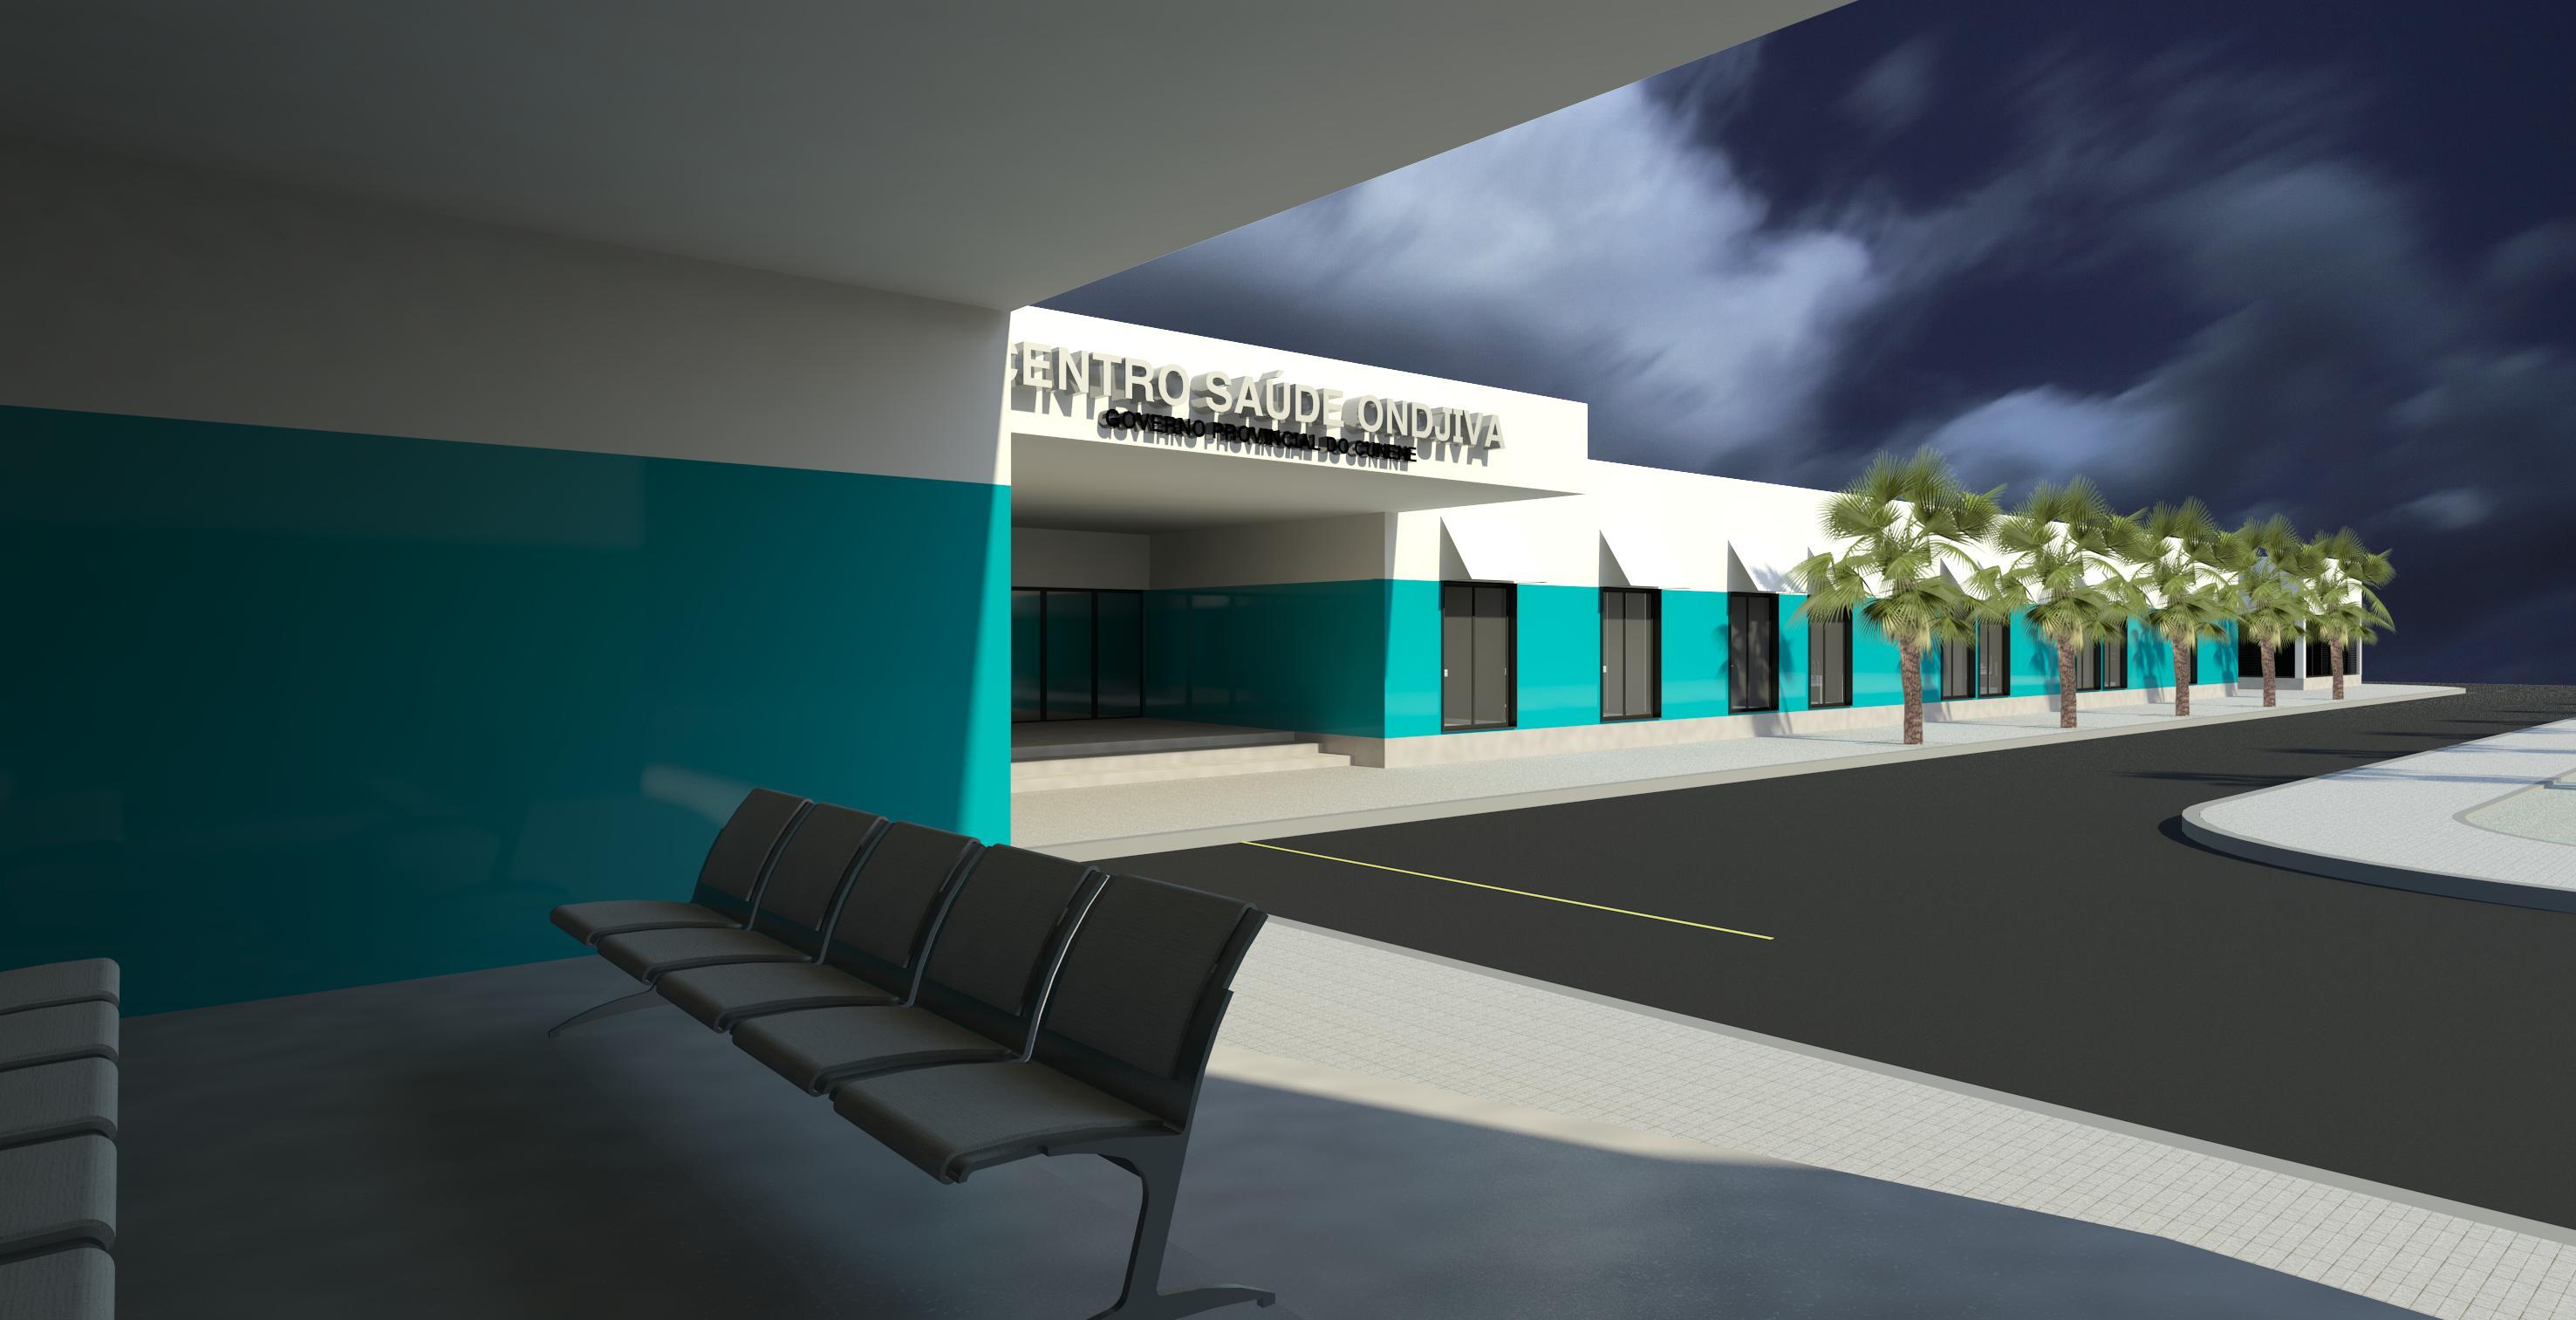 Centro de Saúde TIpo